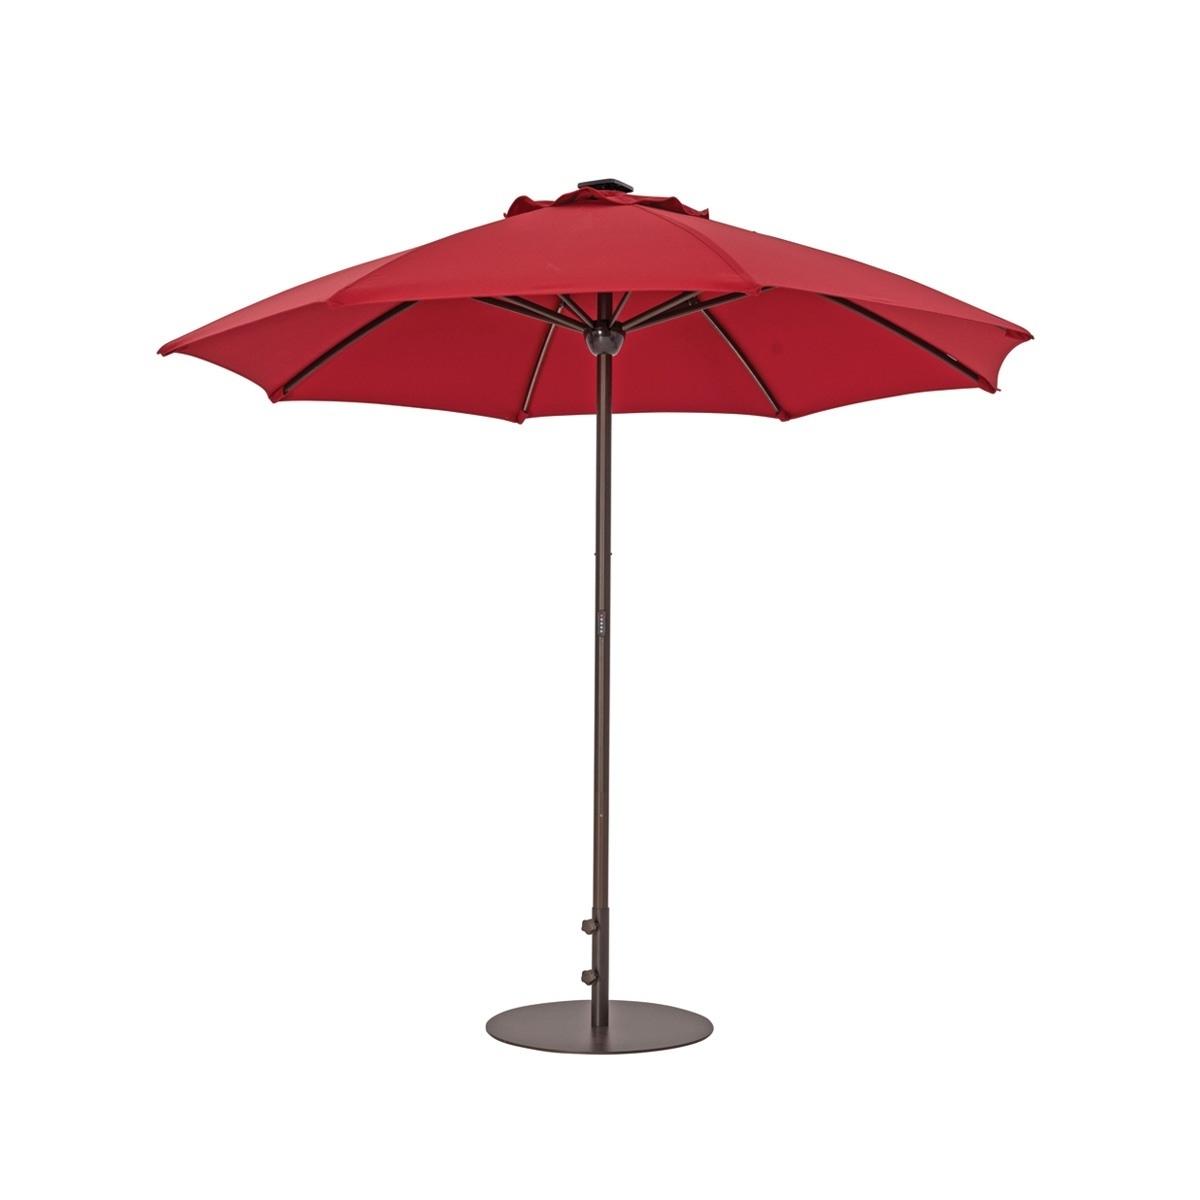 Current Sunbrella Patio Umbrellas With Solar Lights With Patio Umbrellas With Solar Lights (View 4 of 20)